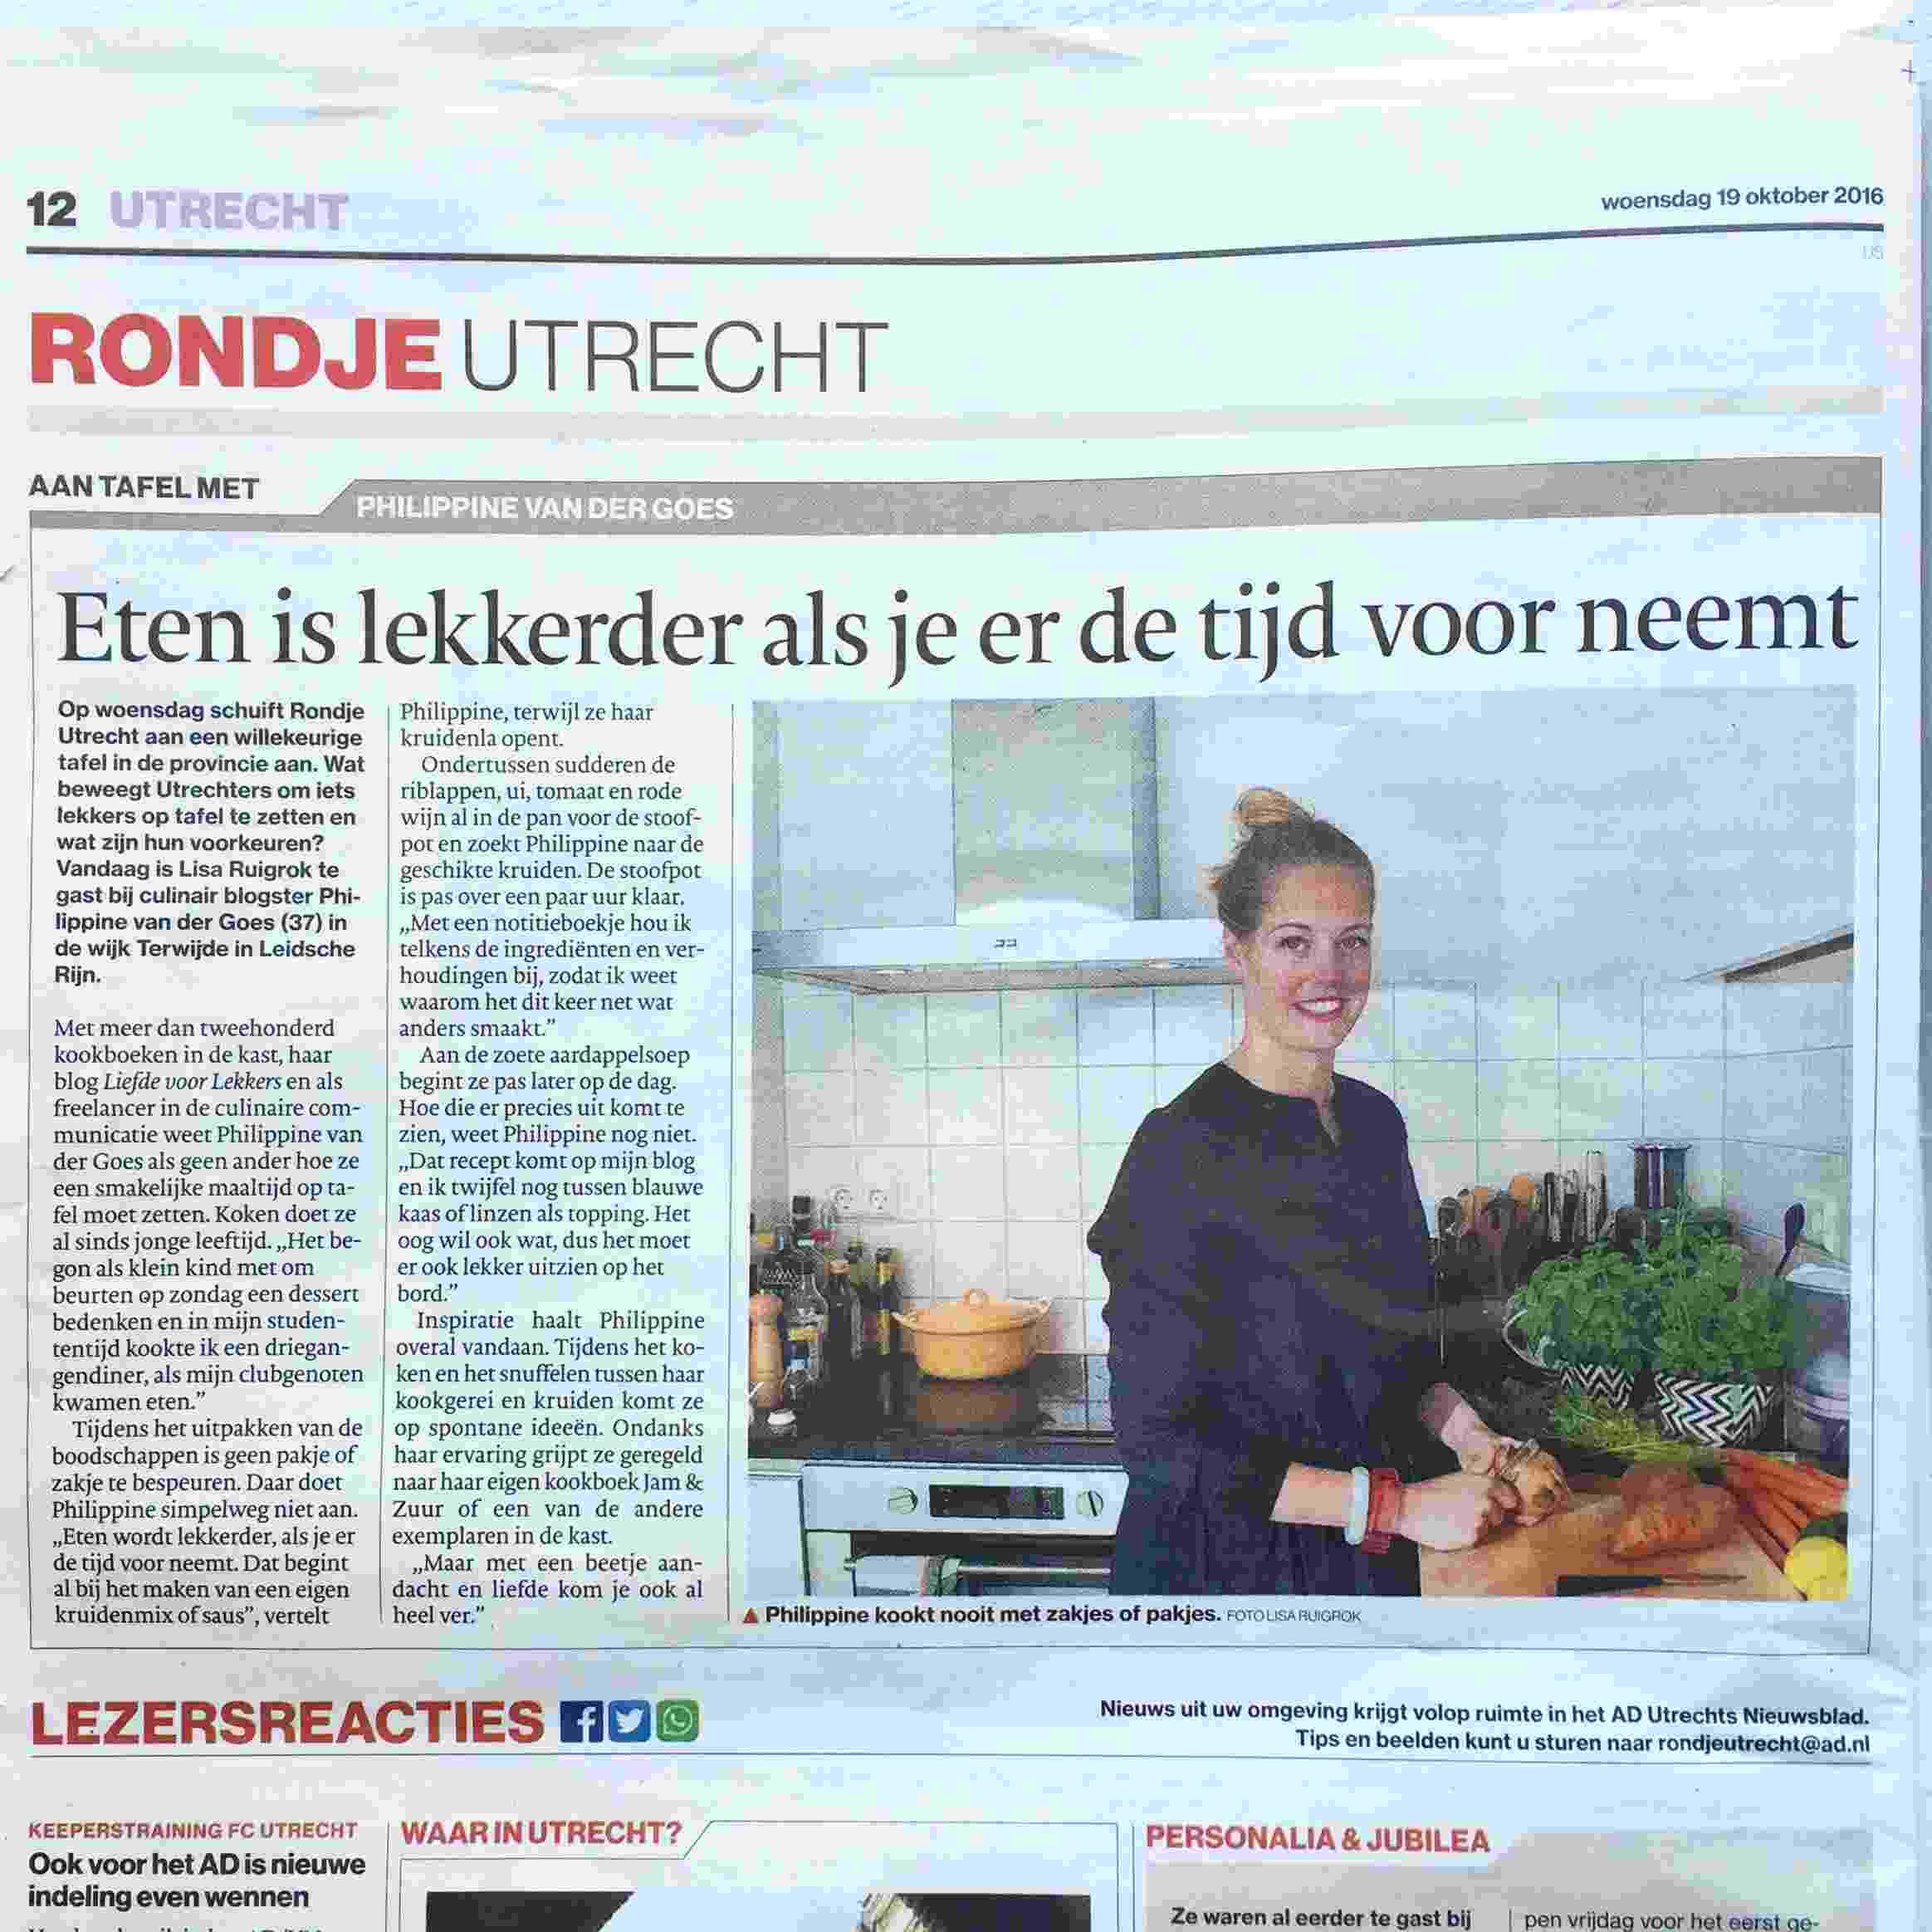 AD Utrechts Nieuwsblad